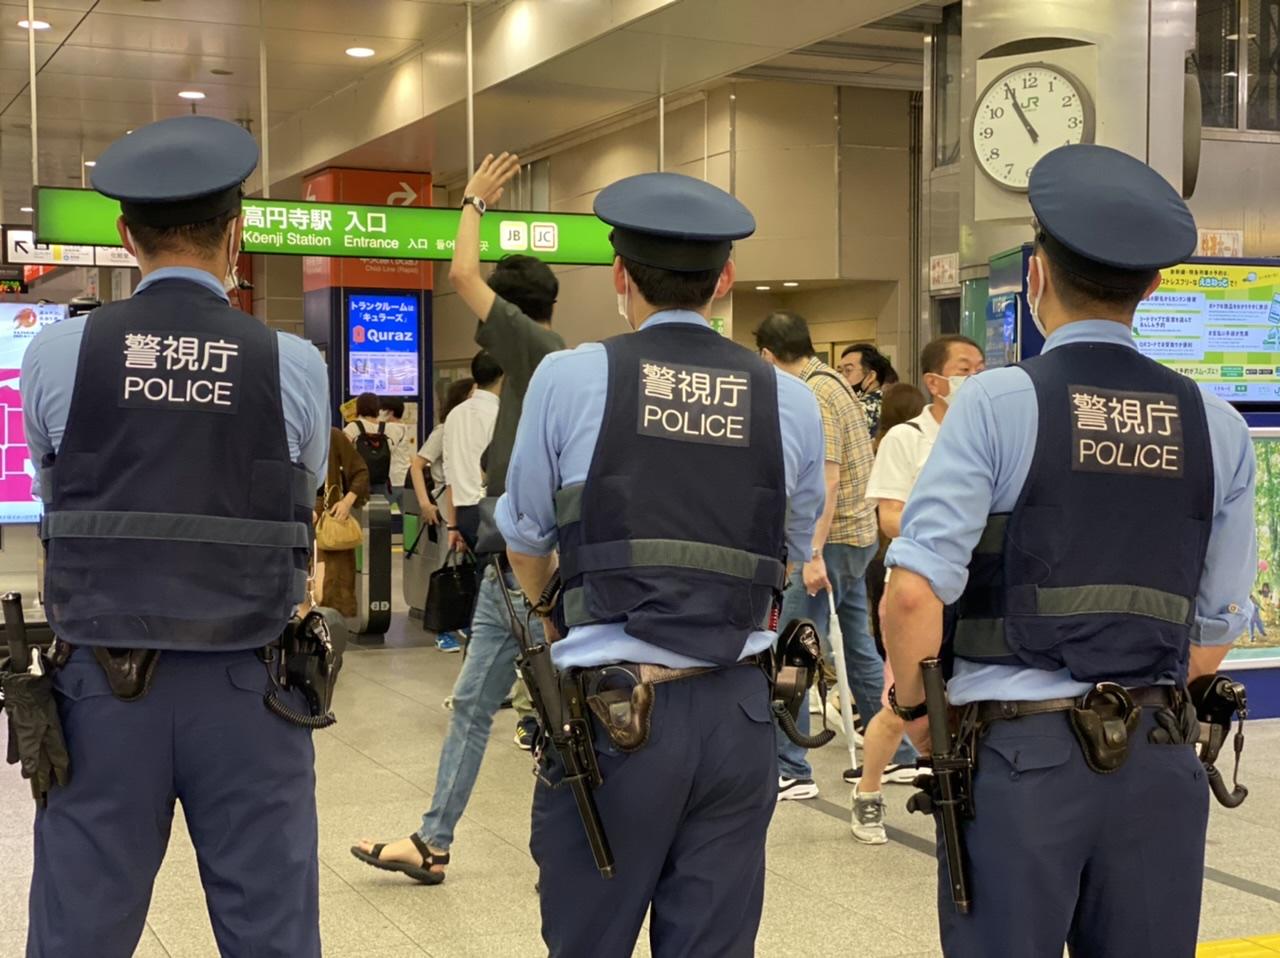 टोकियो आसपास रेलहरुमा आतंकवाद विरोधी विशेष निगरानी शुरू